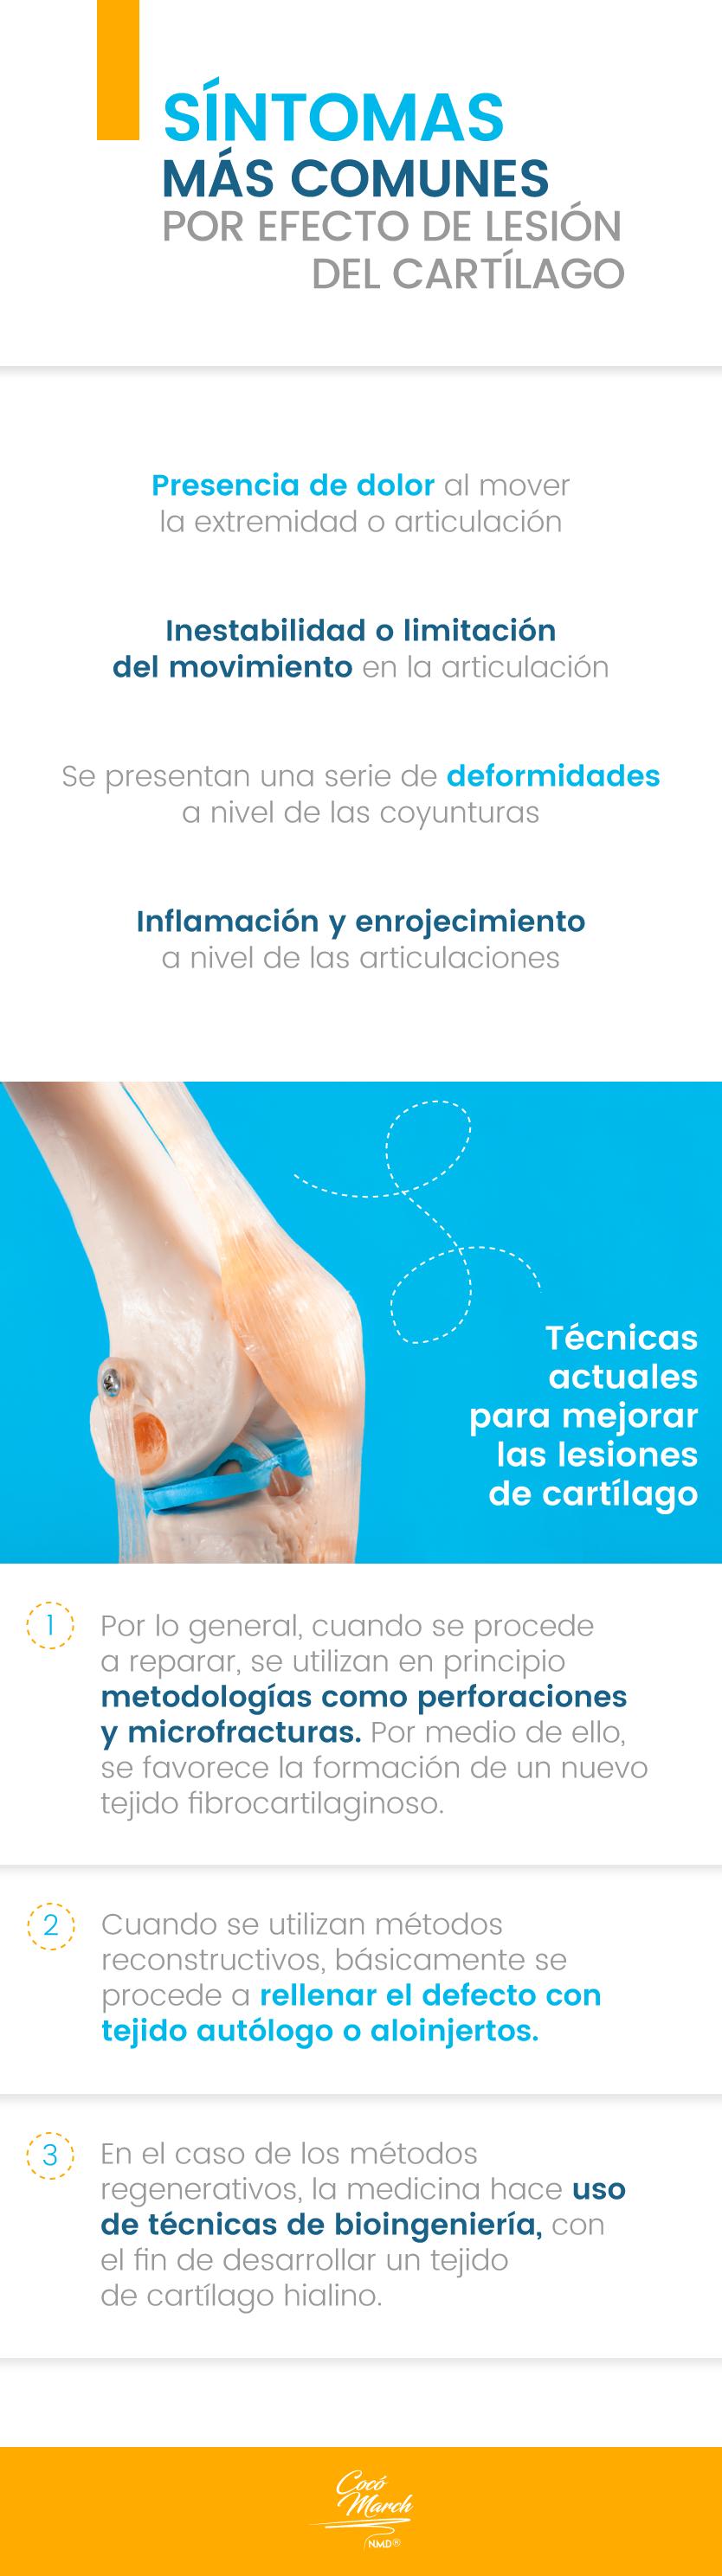 sintomas-de-un-cartilago-lesionado